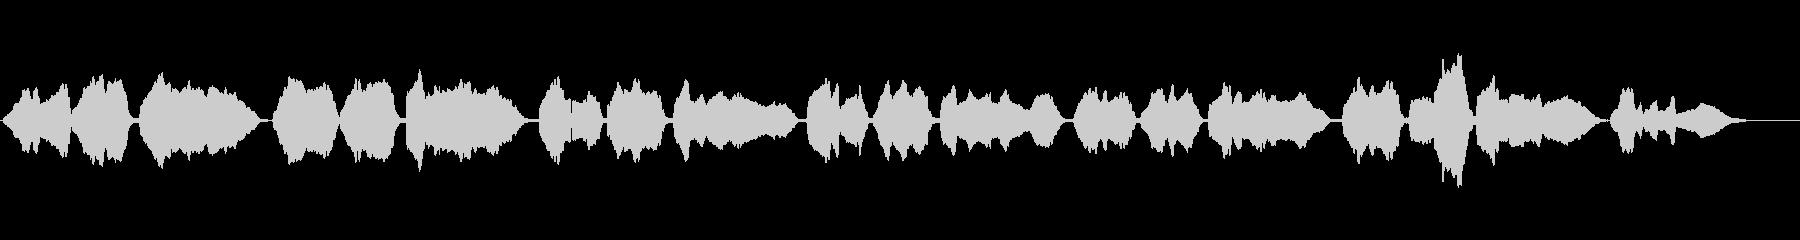 新世界より『家路』/ハーモニカ・ソロの未再生の波形